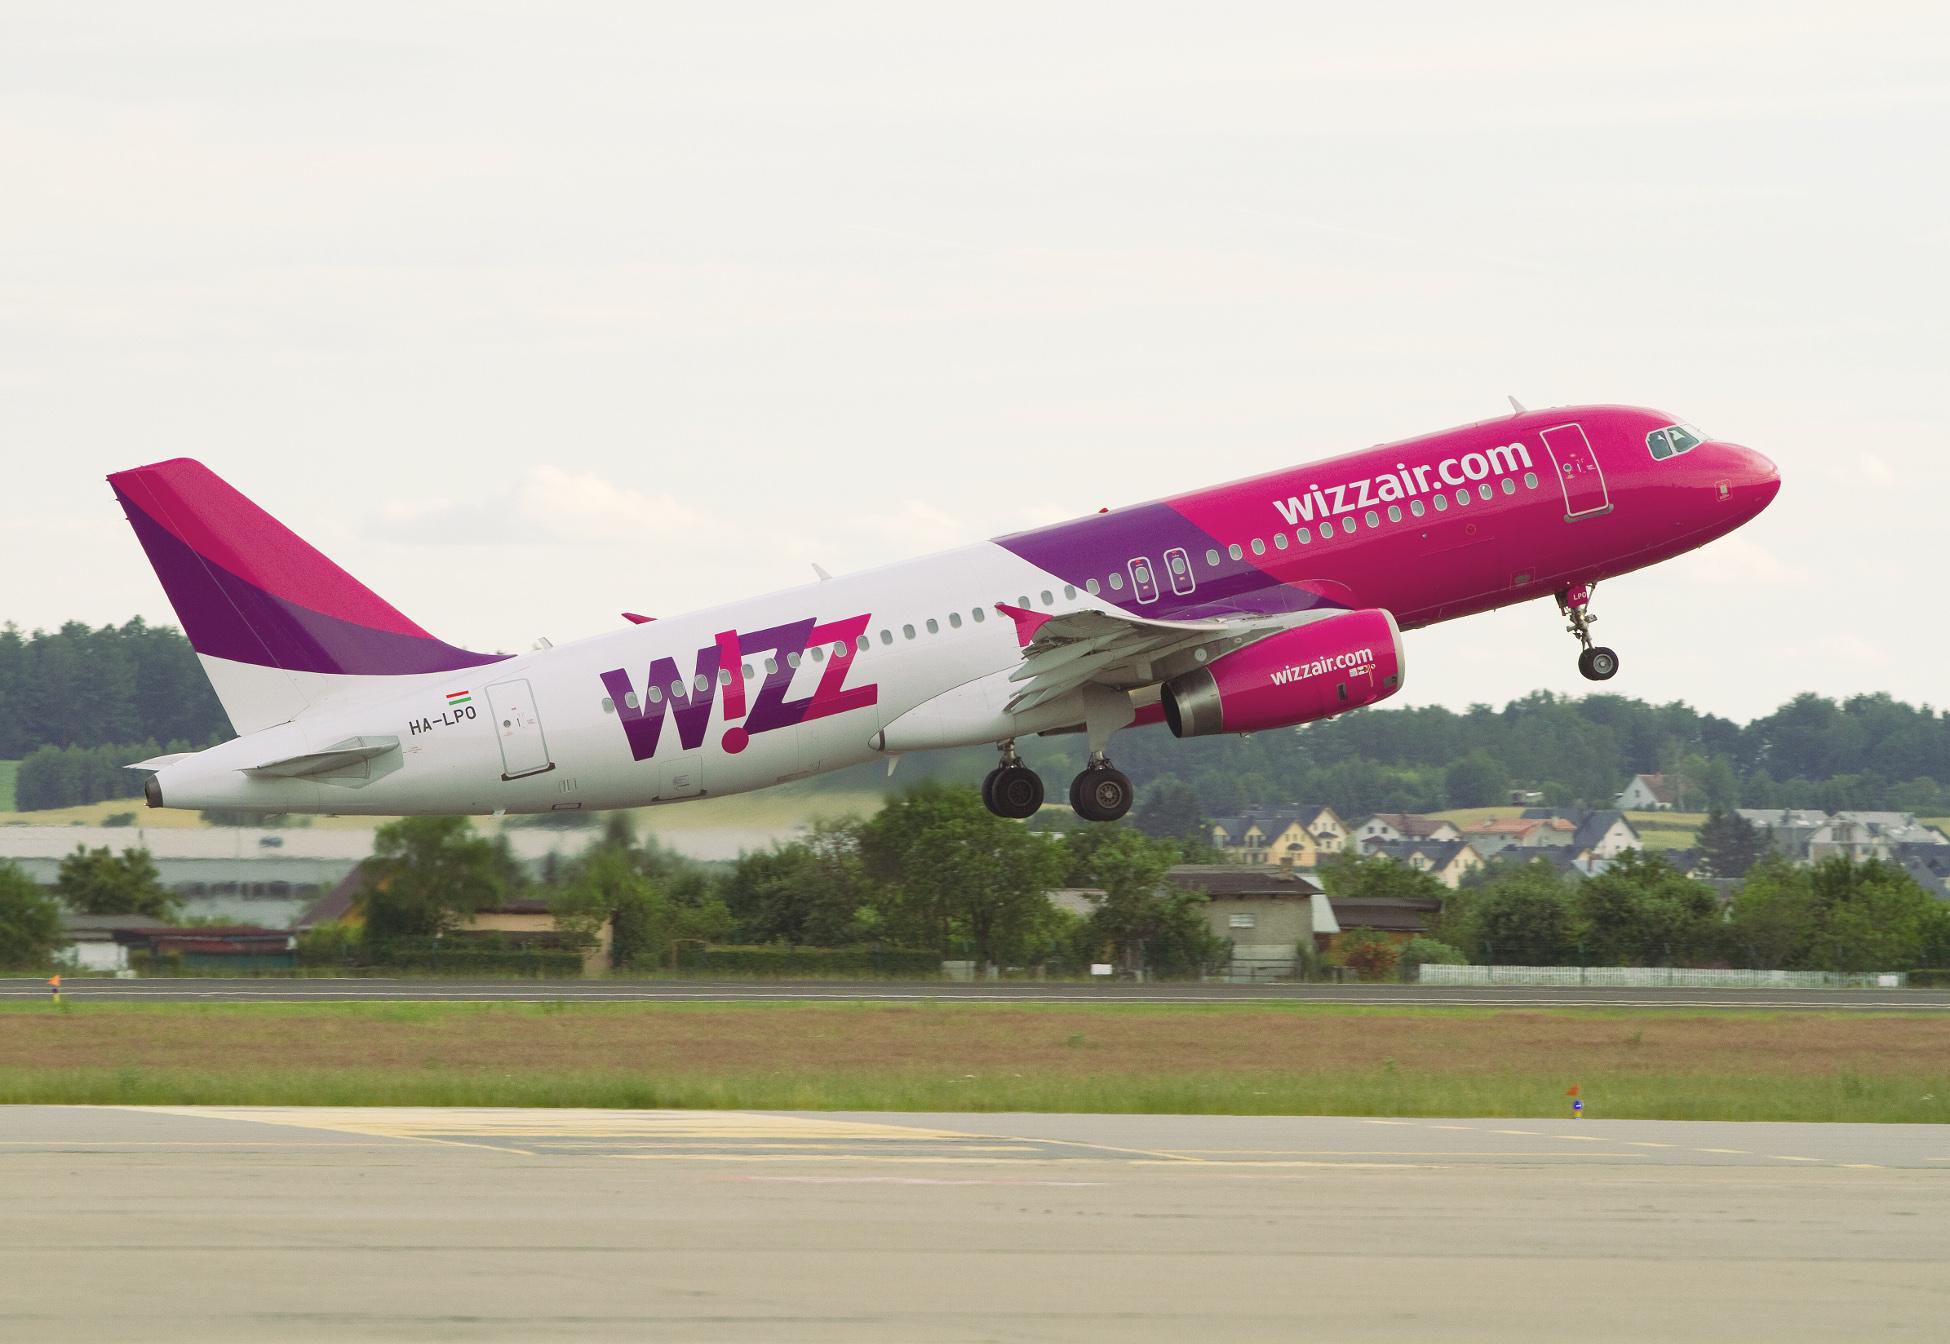 Leć do miasta zorzy polarnej. Wizz Air uruchamia nowe połączenie z gdańskiego lotniska